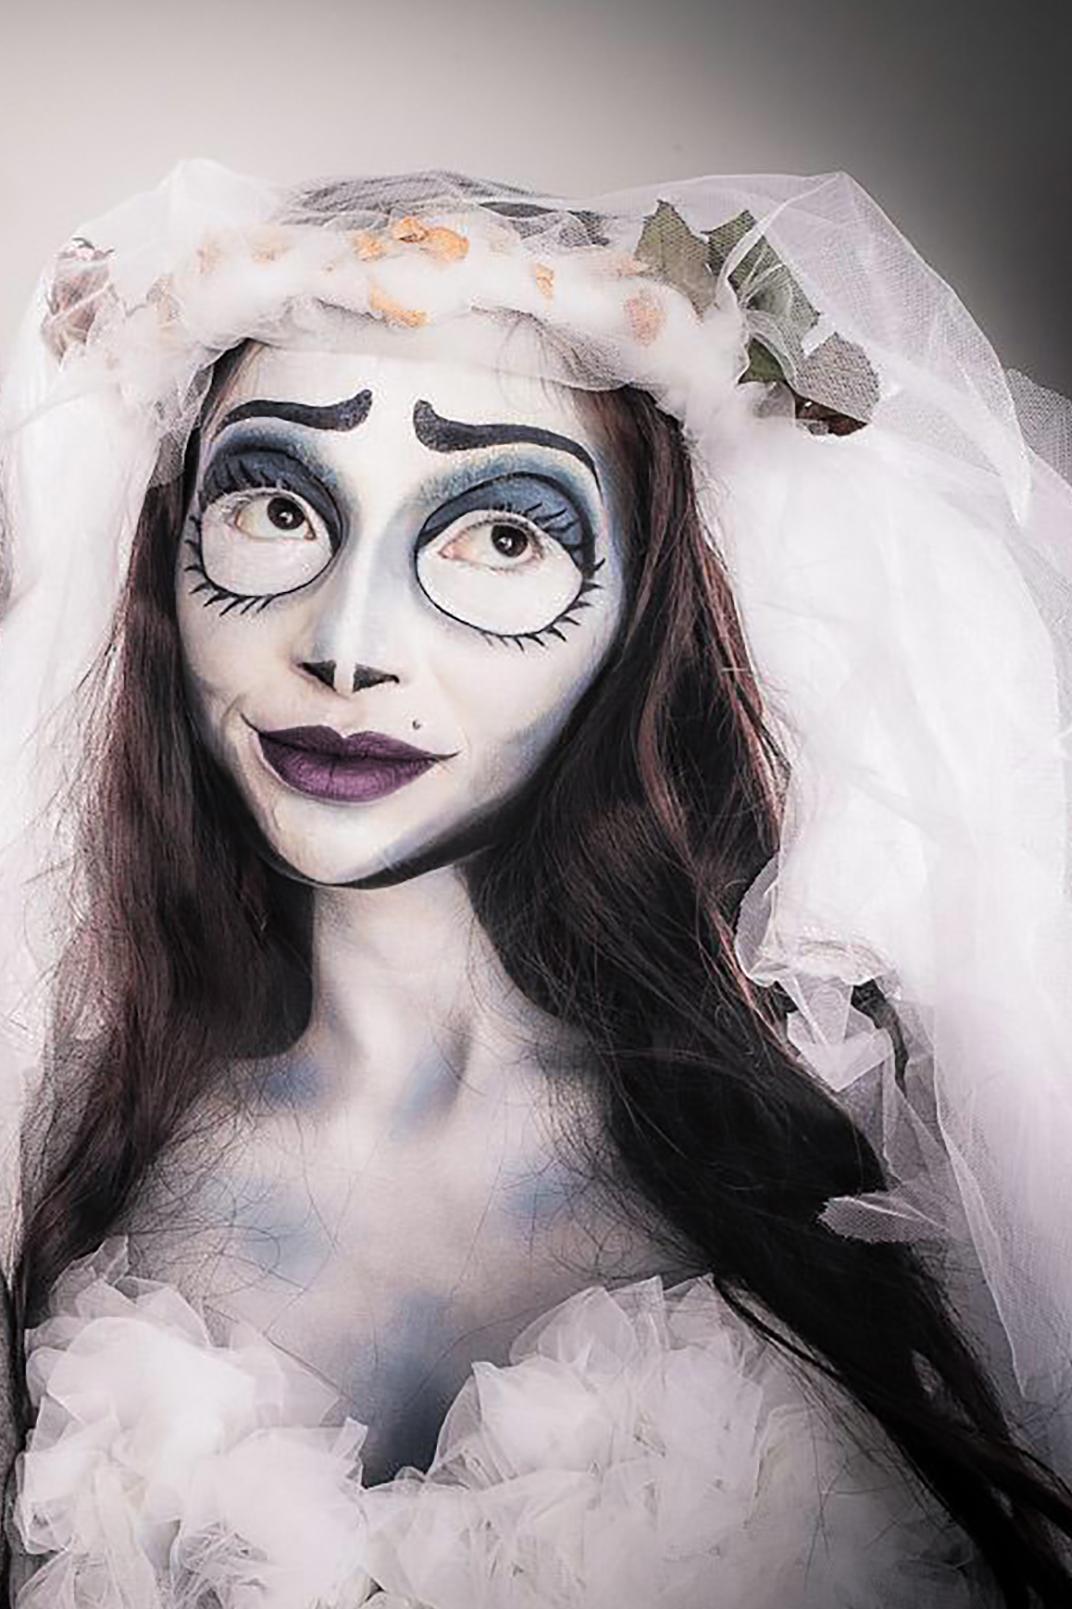 Corpse Bride Cosplay, Facepainting, wedding veil